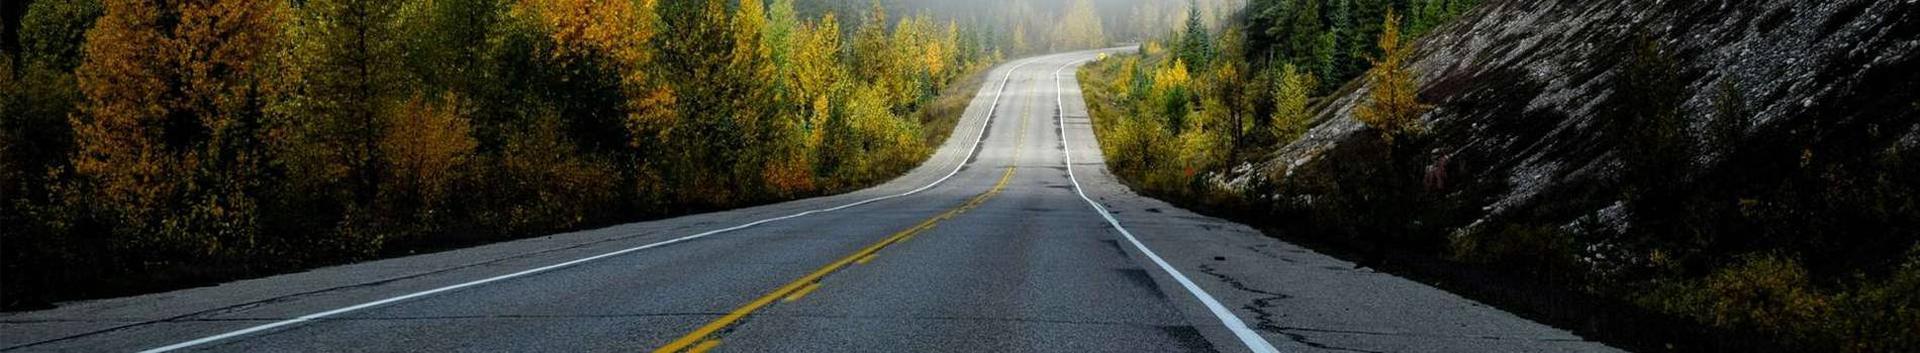 autotransport, transpordi- ja kullerteenused, transporditeenused, logistika